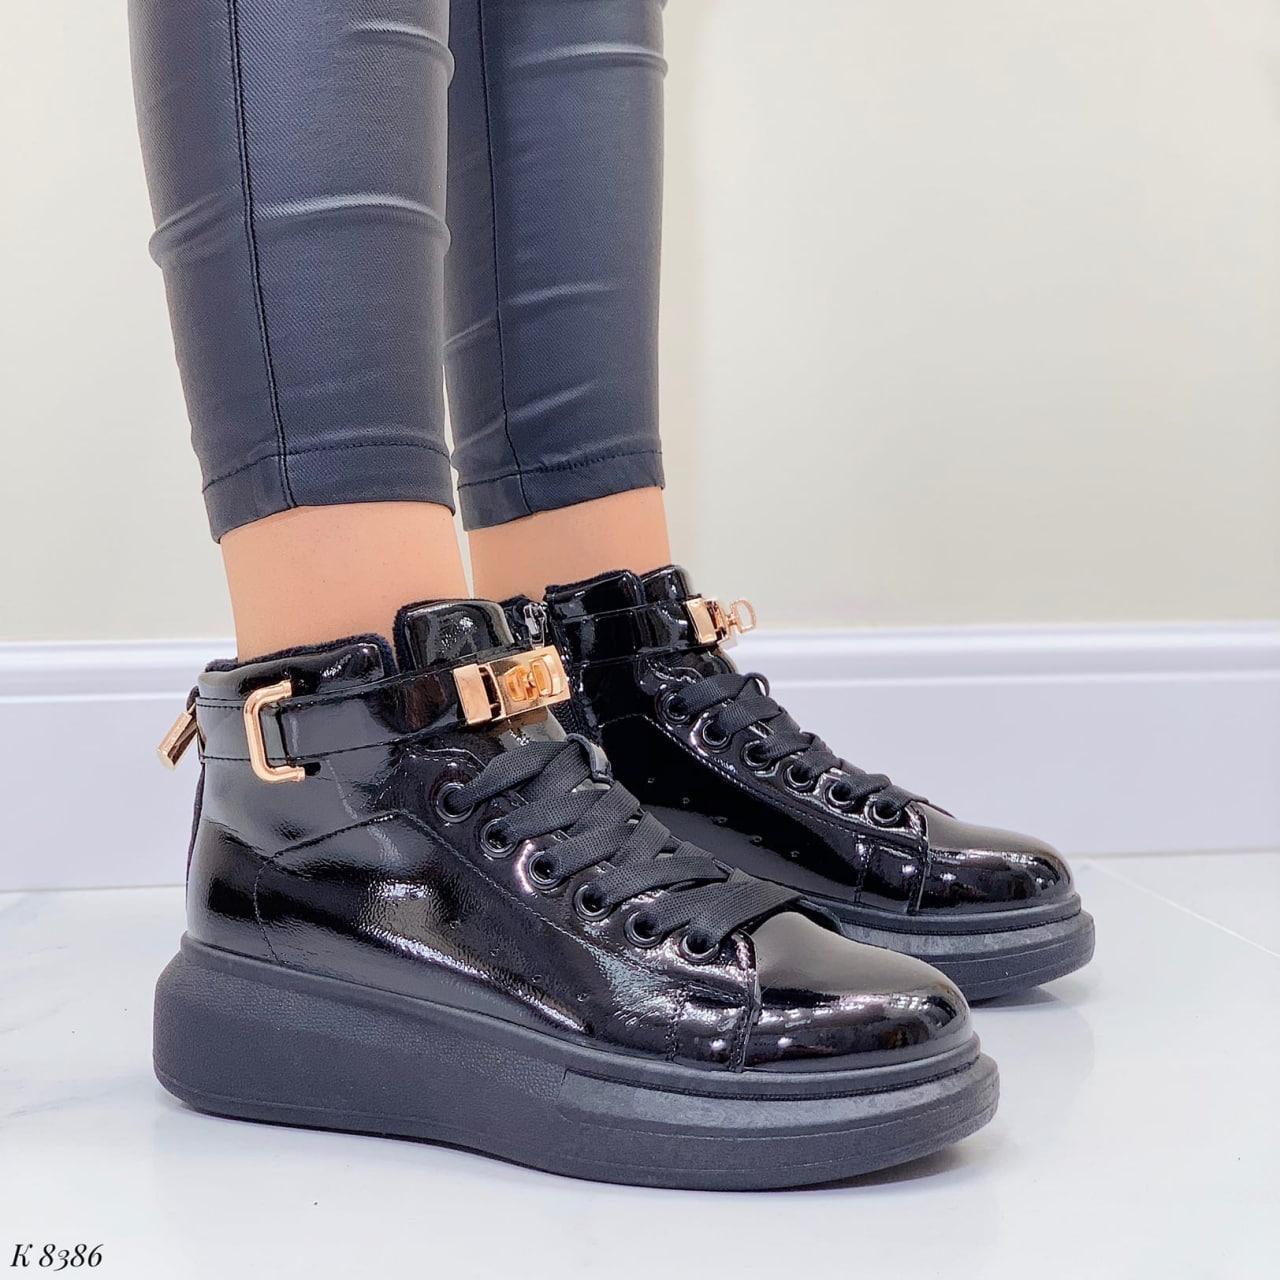 Женские кроссовки- хайтопы ДЕМИ черные на платформе эко лак